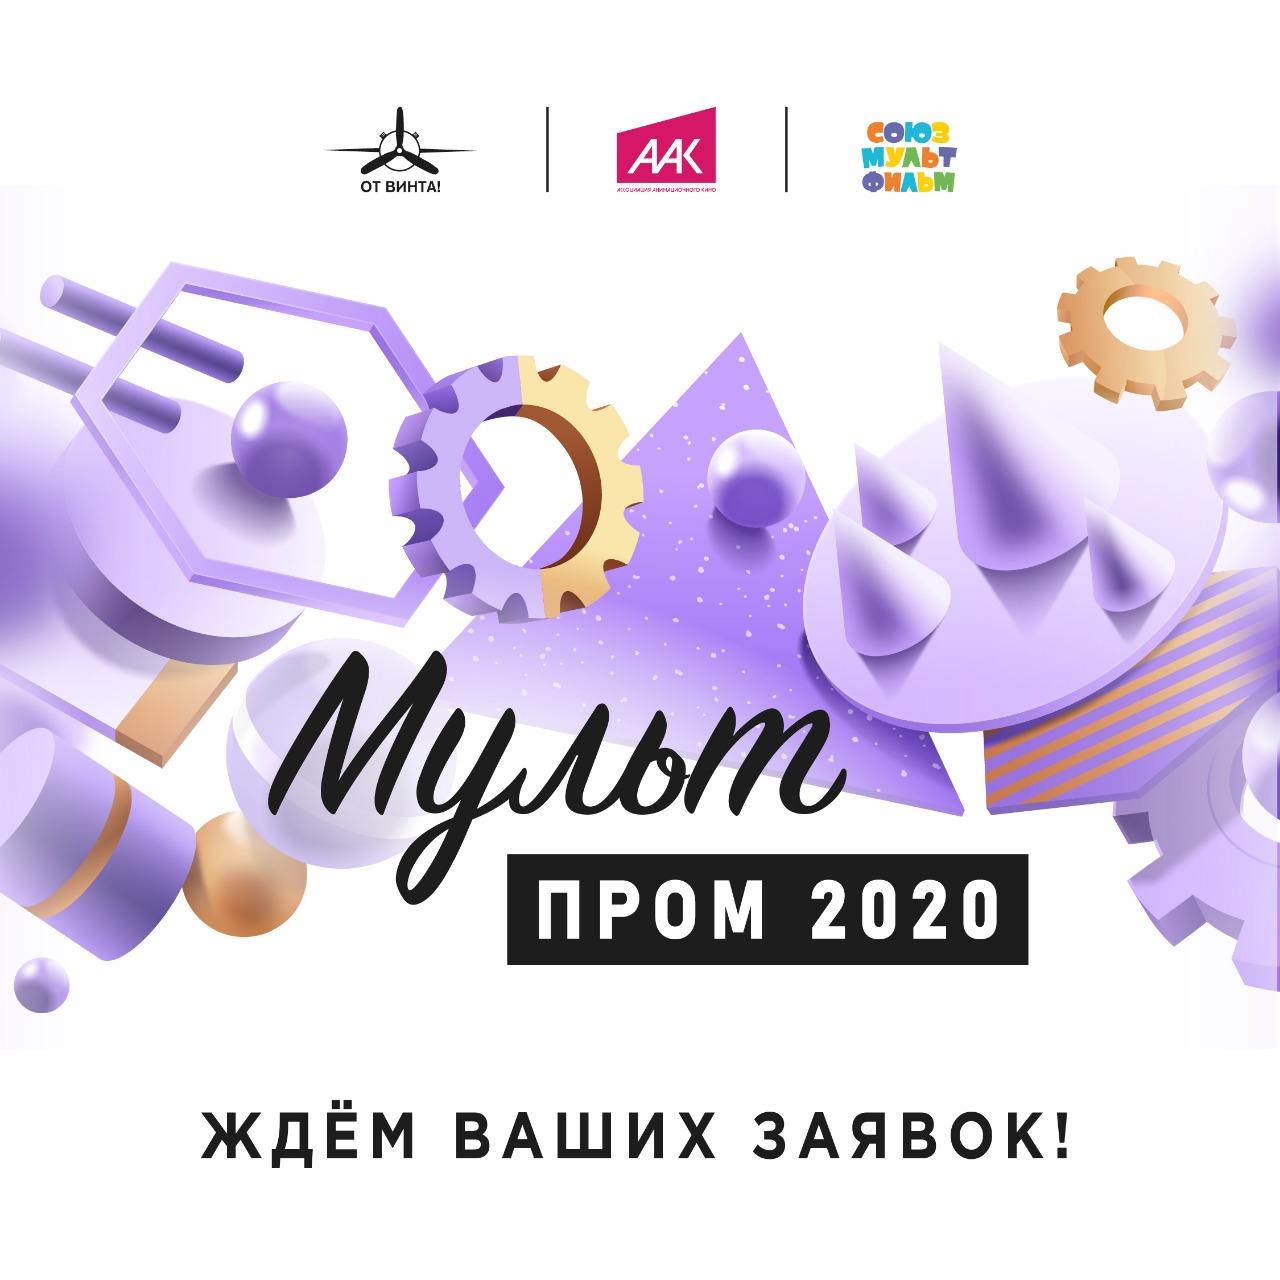 На конкурс «МультПром 2020» поступило более 30 заявок из 15 регионов страны